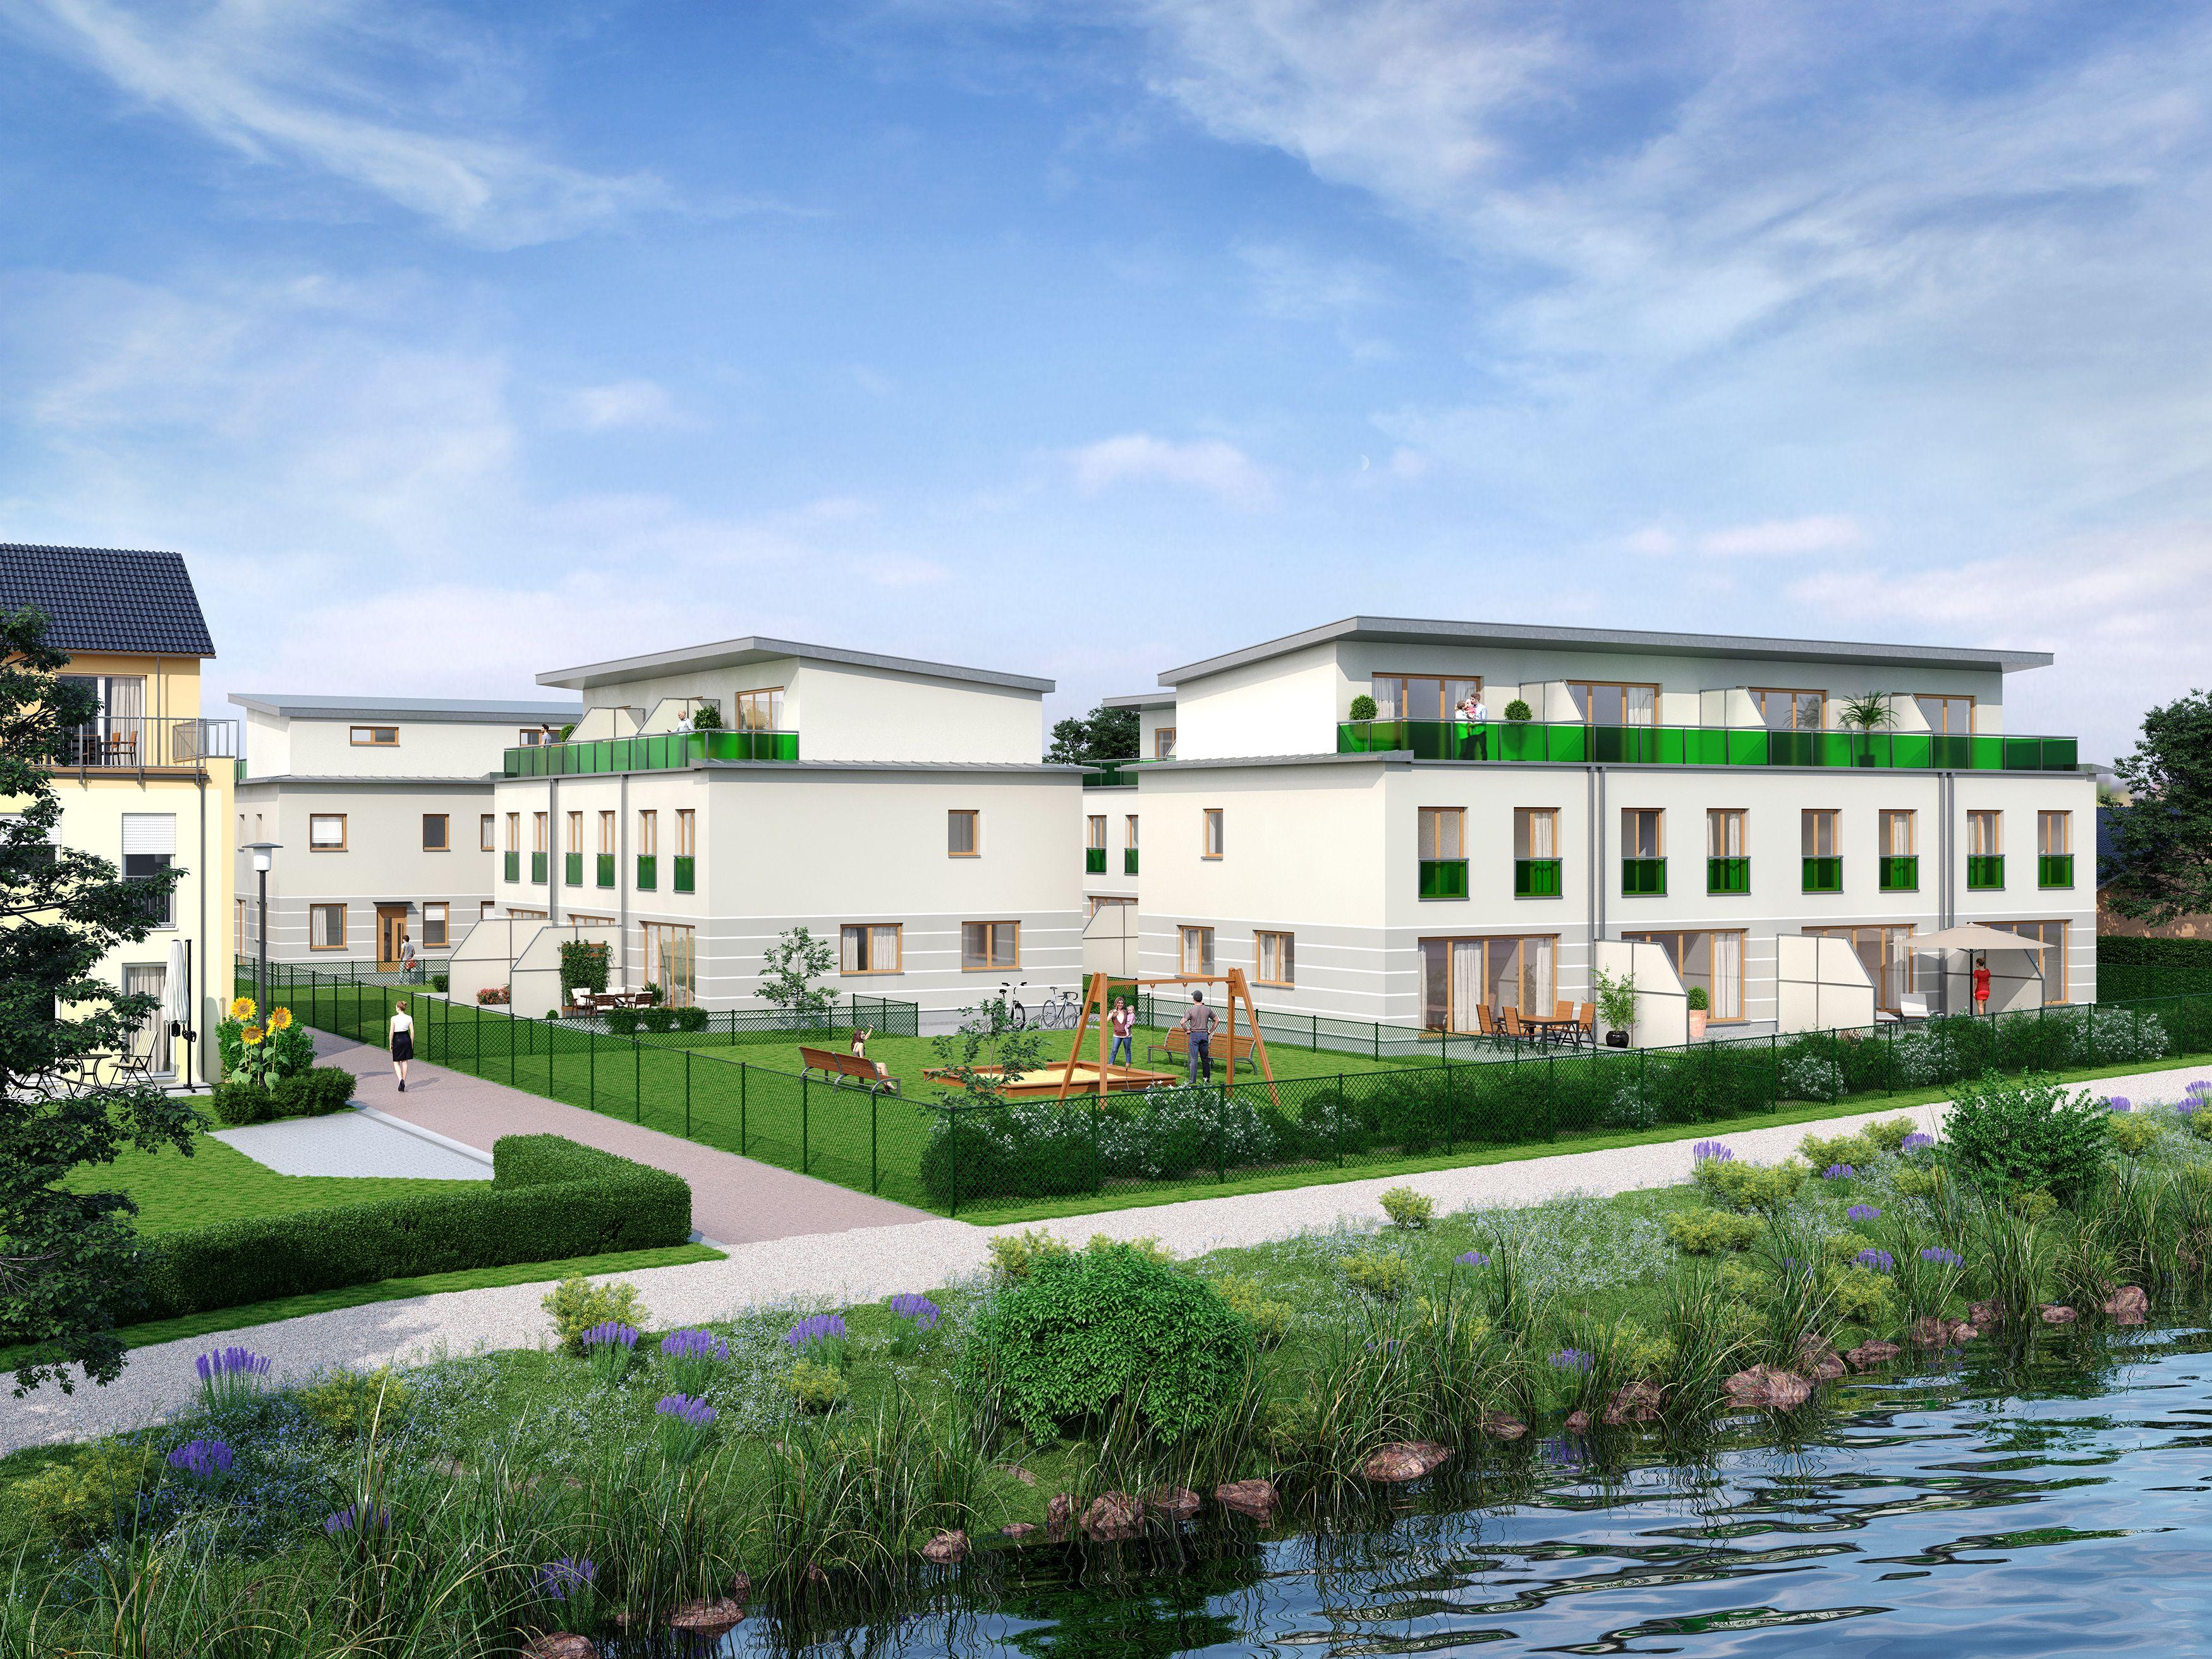 14 Reihenhauser In Berlin Spandau Alte Havel Spandau Fertigstellung 2019 Ein Projekt Der First Home Wohnbau Gmbh Architektur Immobilien Neubau